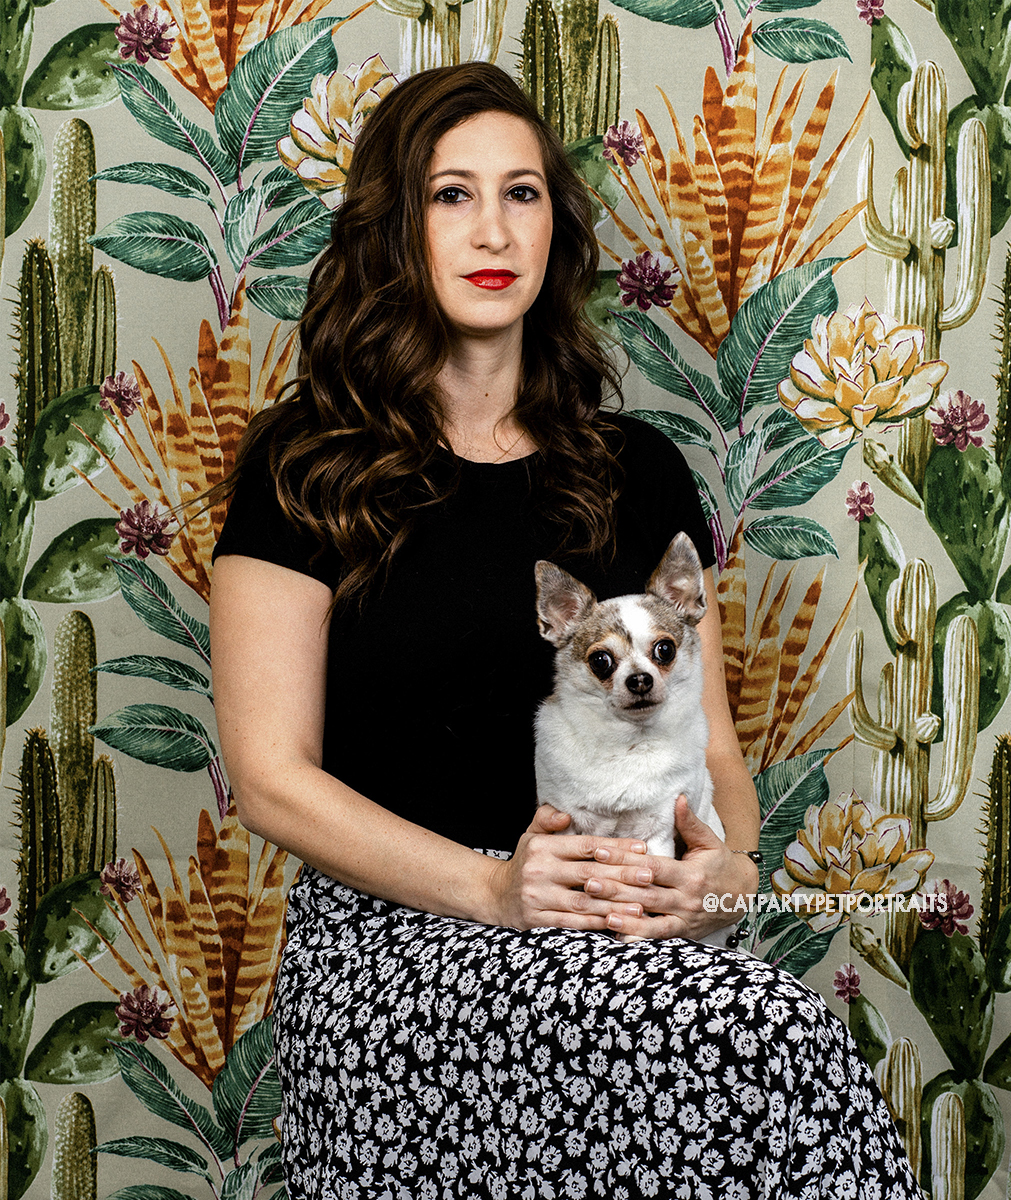 20190209_Pet Portraits_Danielle Spires-3757-2_1 copy.jpg